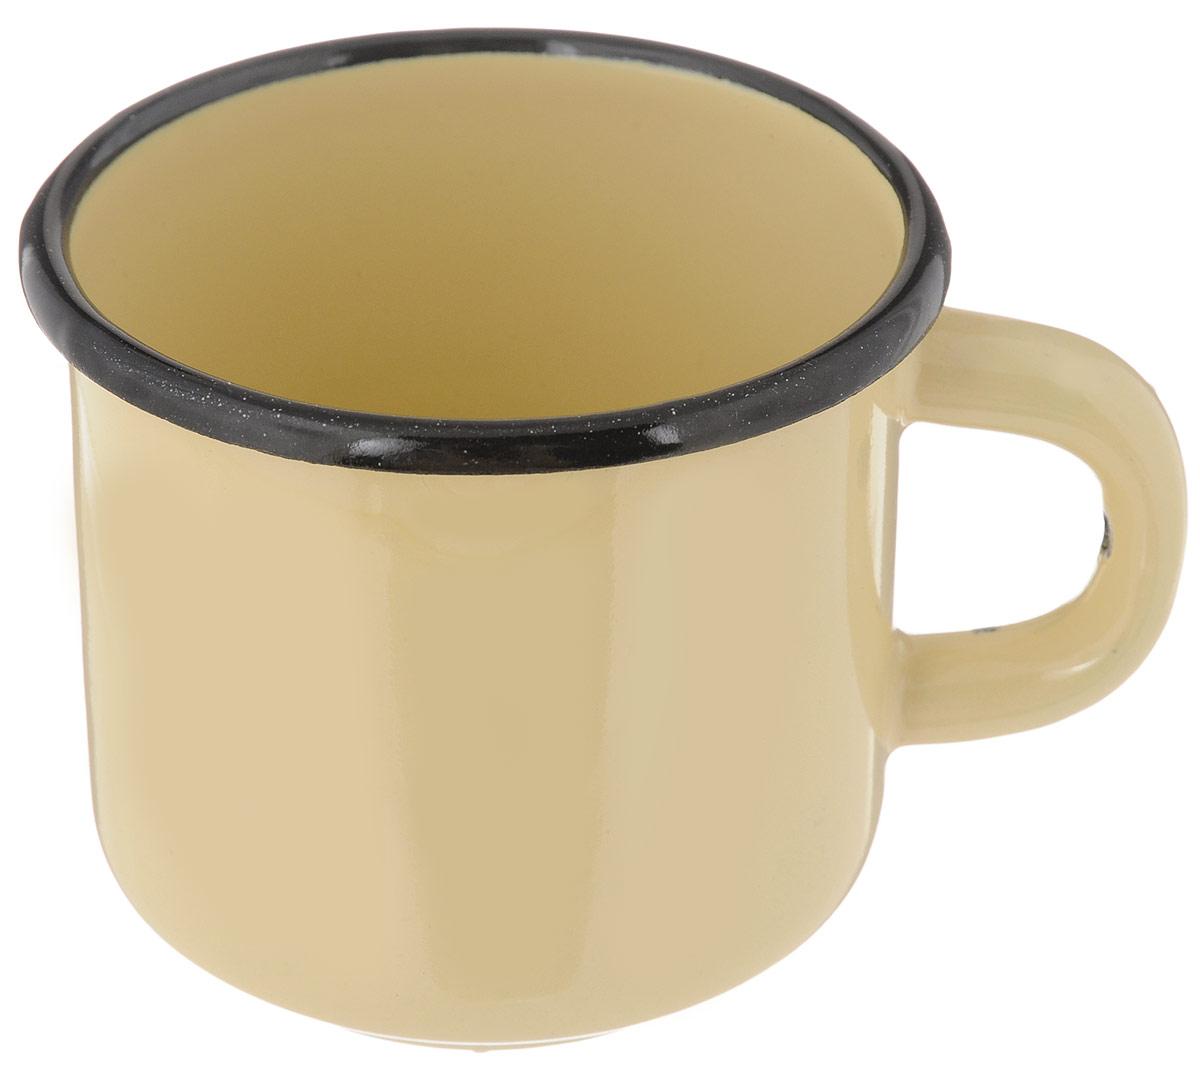 Кружка эмалированная СтальЭмаль, цвет: желтый, 250 млС40102.П_желтыйКружка СтальЭмаль изготовлена из высококачественной стали с эмалированным покрытием. Она оснащена удобной ручкой. Такая кружка не требует особого ухода и ее легко мыть. Благодаря классическому дизайну и удобству в использовании кружка займет достойное место на вашей кухне.